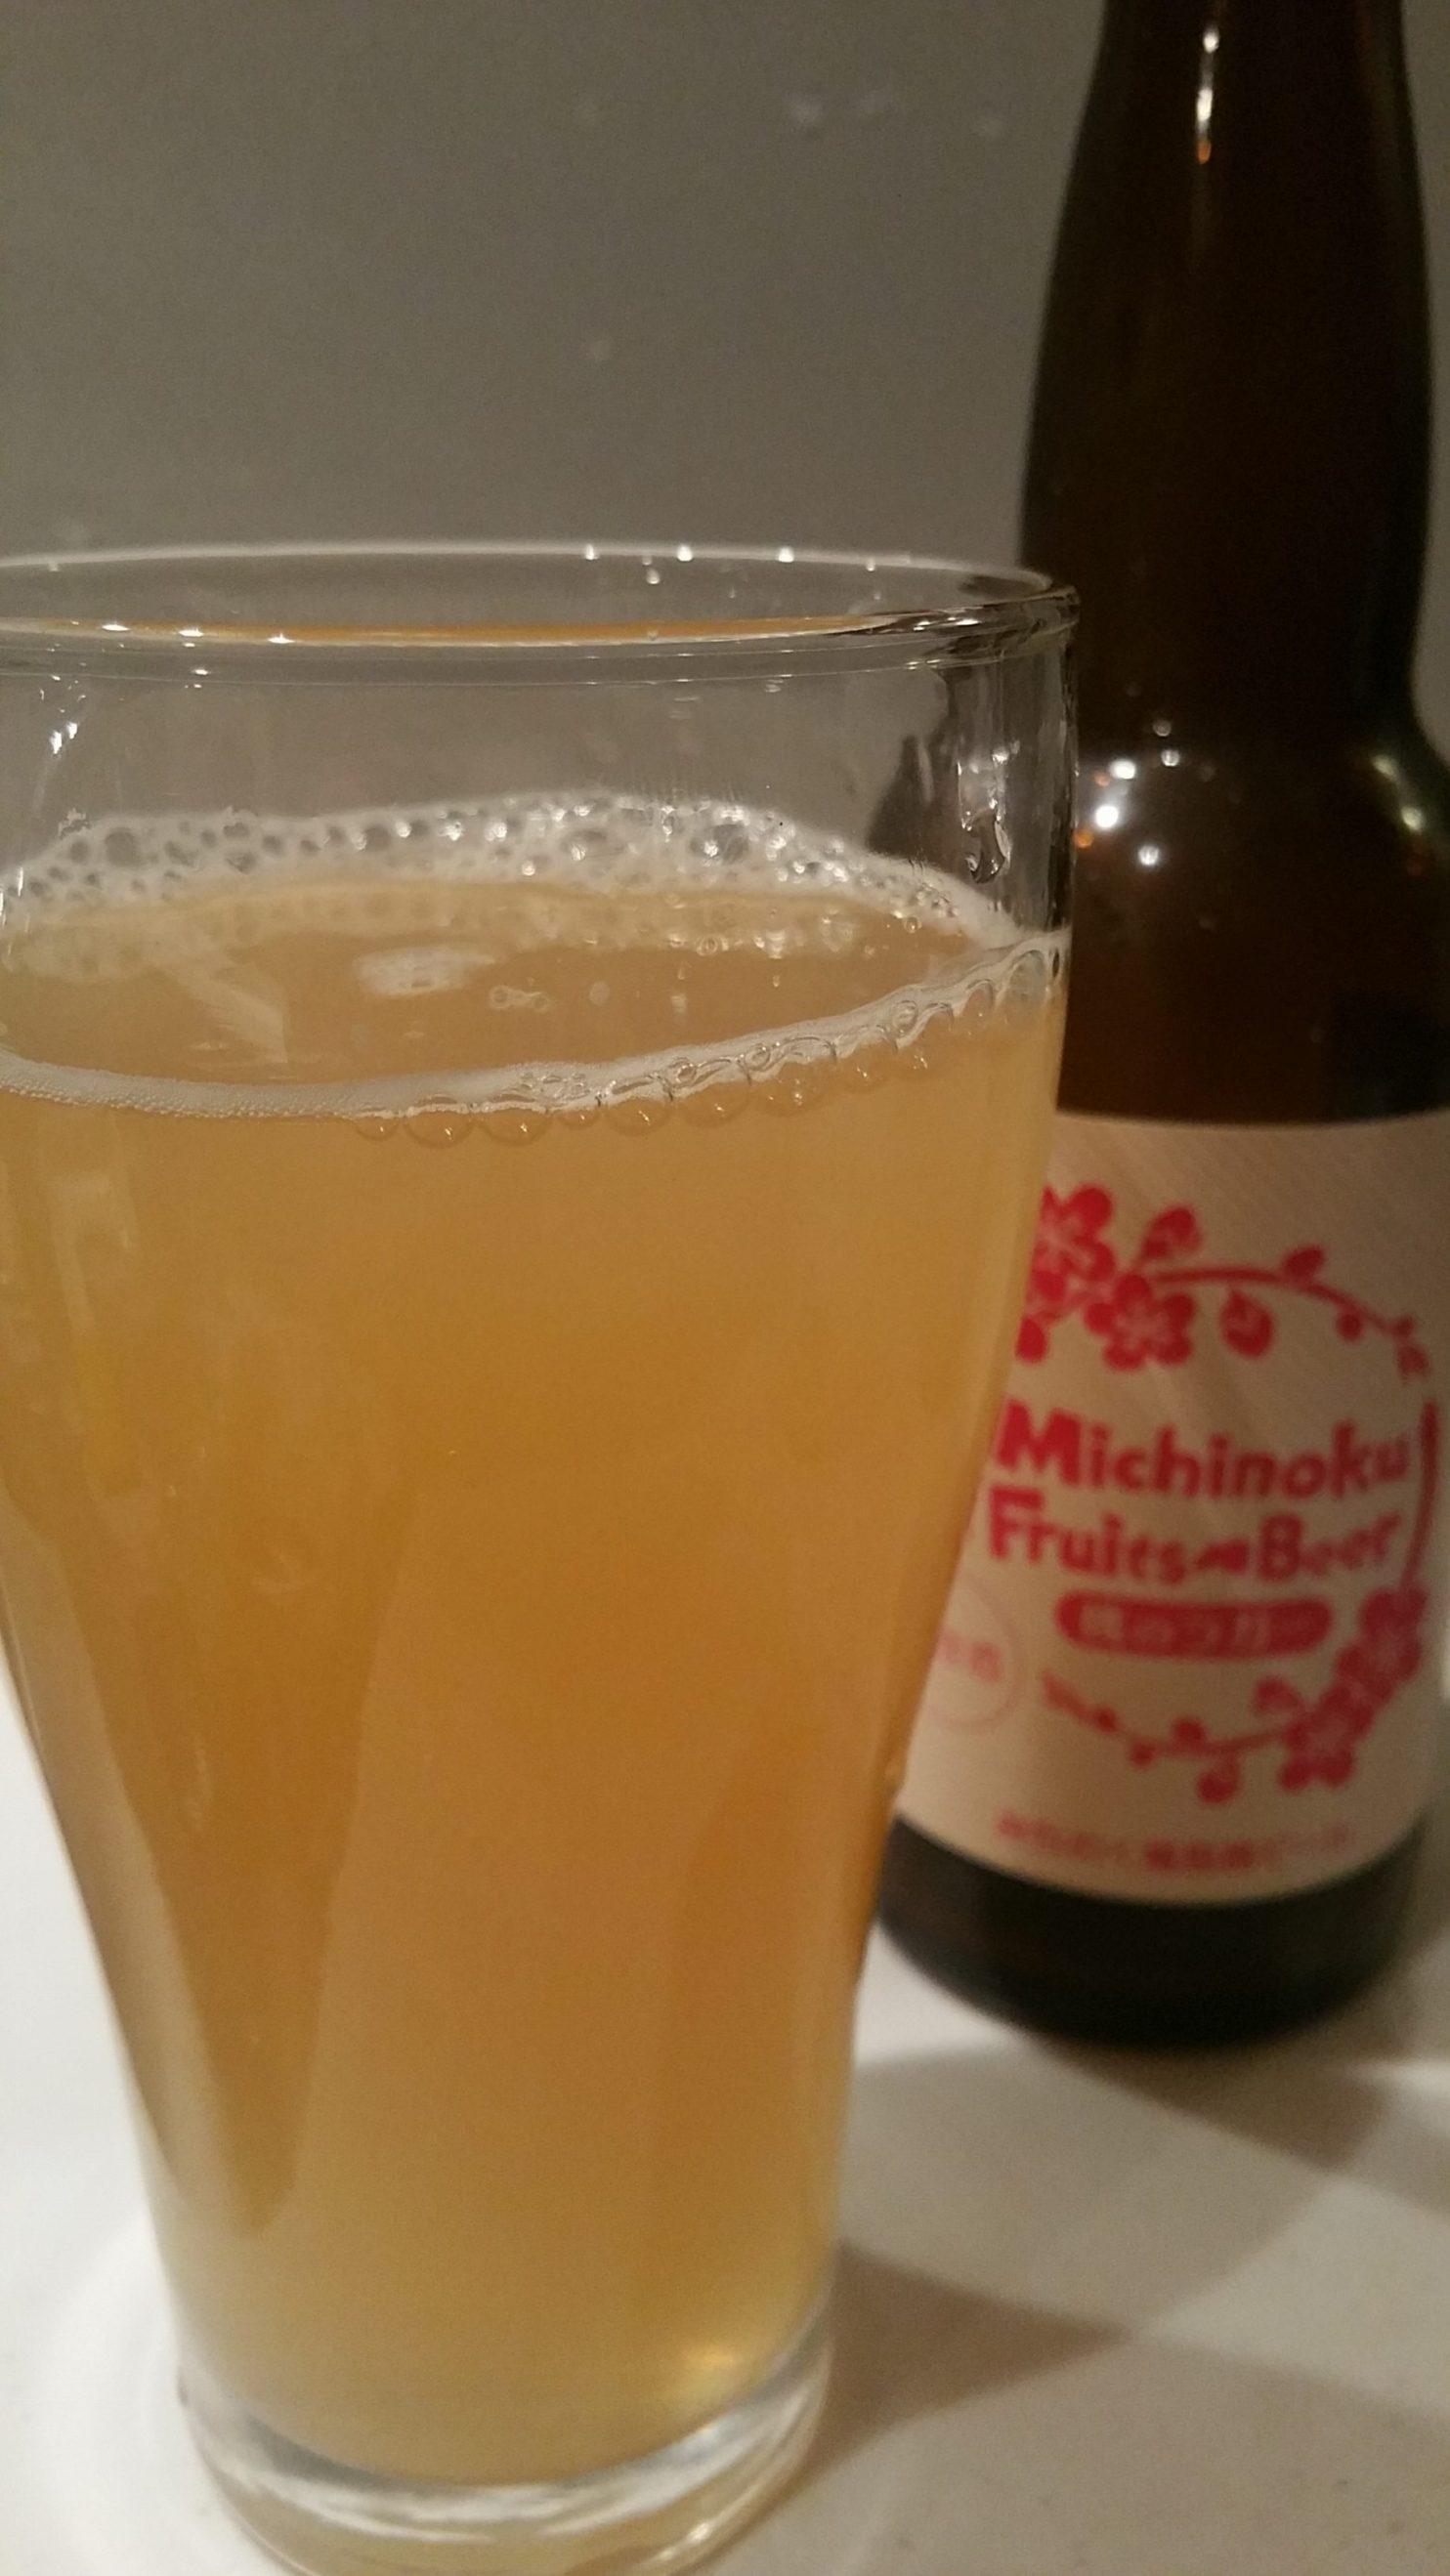 Fukushima Momo Lagerみちのく福島路ビール